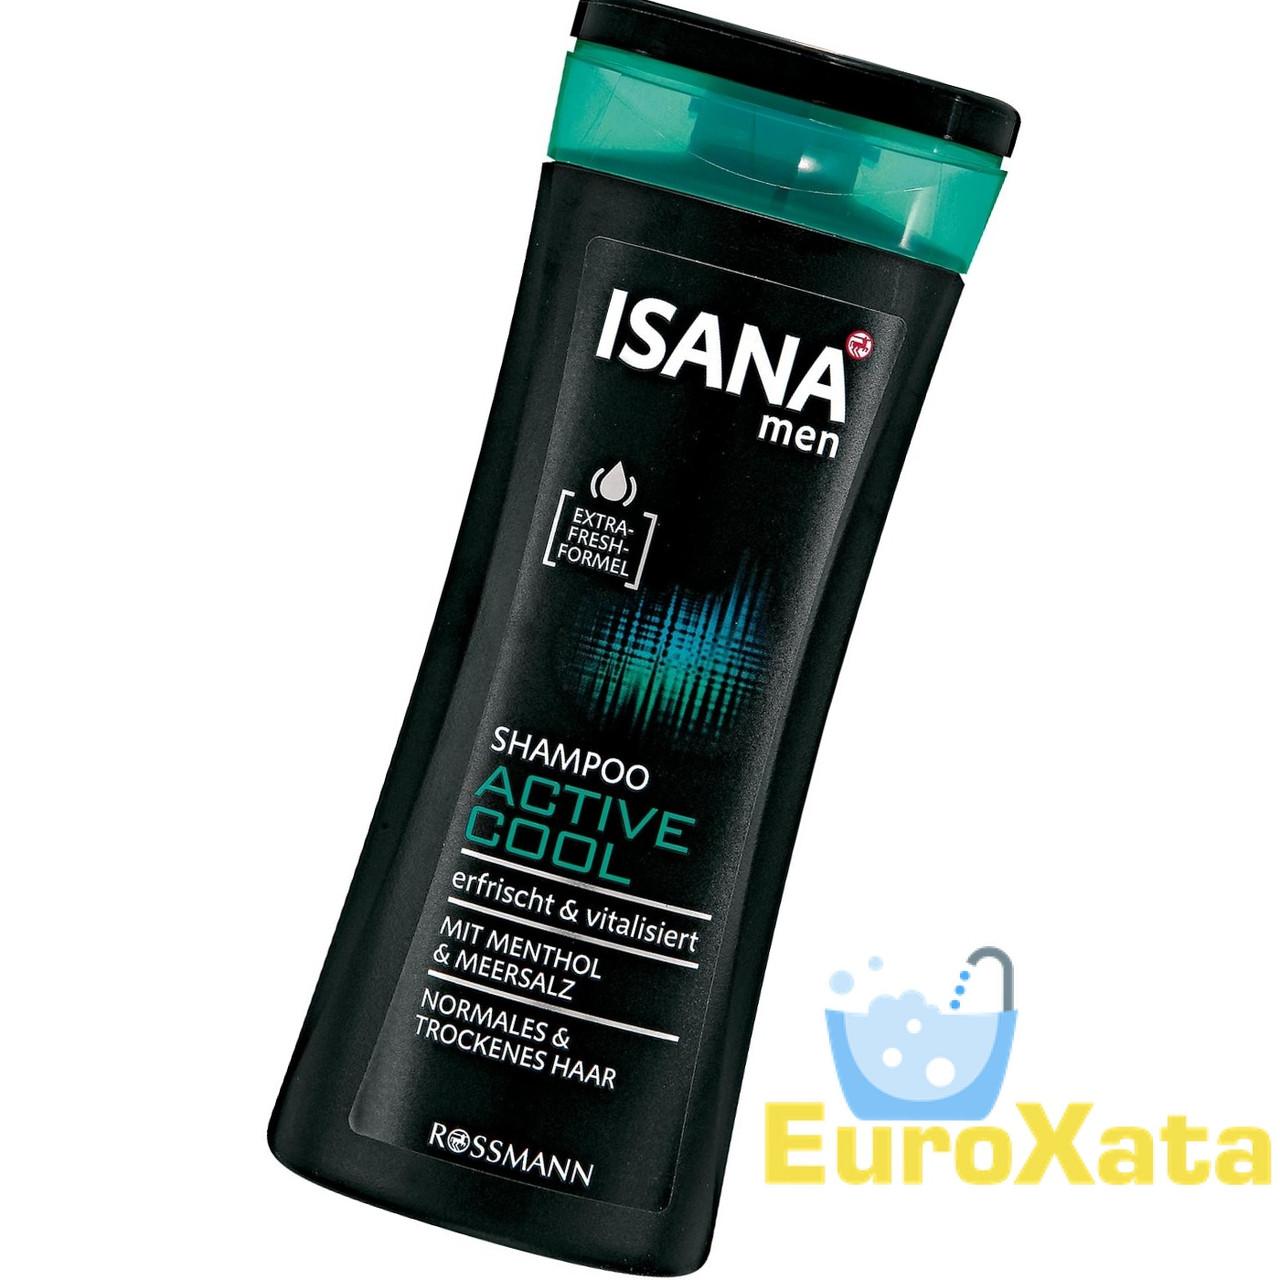 Шампунь ISANA Active Cool с ментолом и морской солью для норм/сухих волос (300мл) Германия